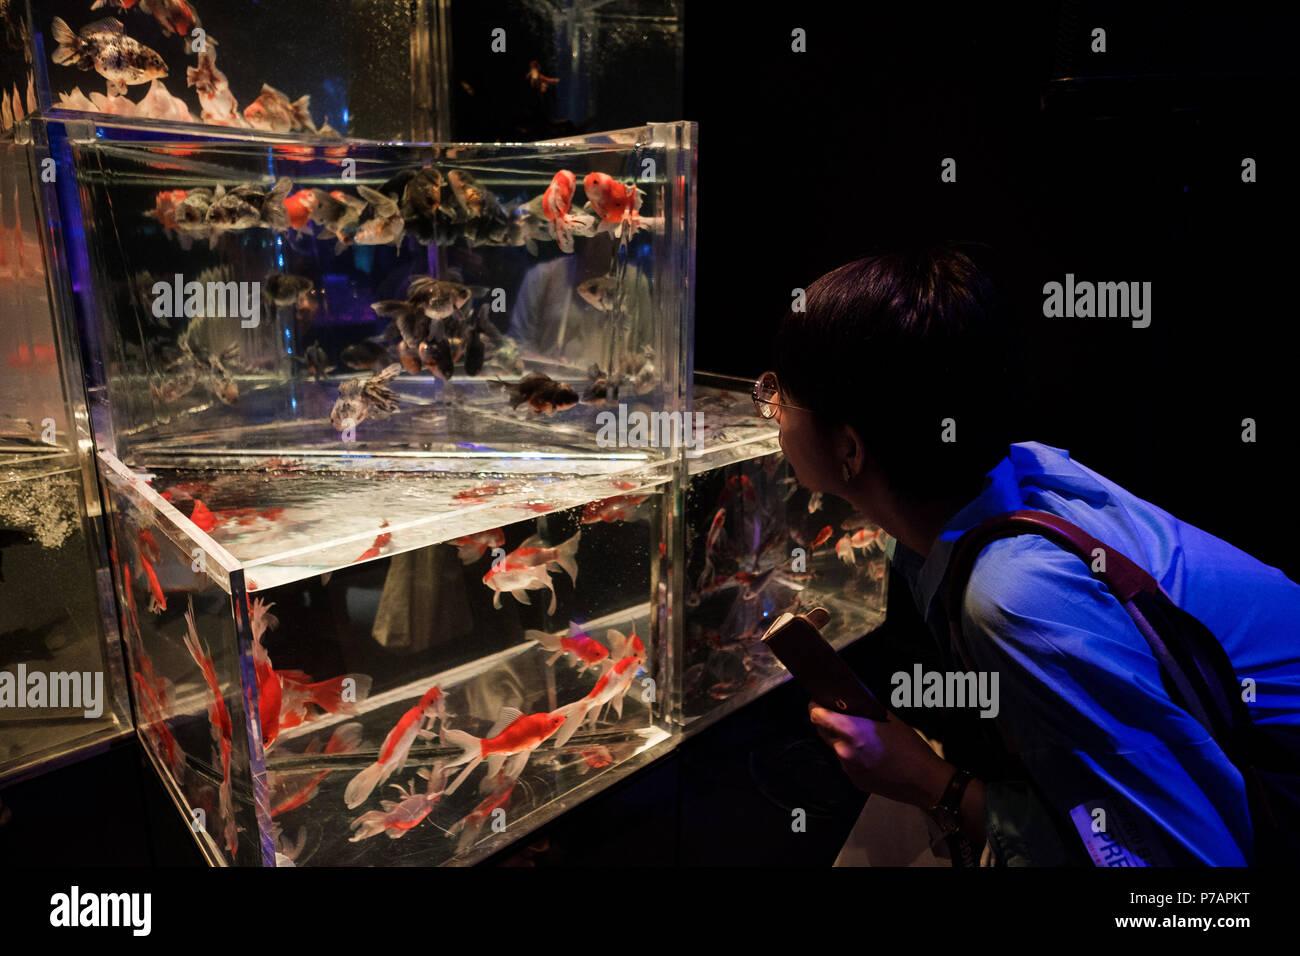 tokyo japan 5th july 2018 a visitor looks at a tank at art